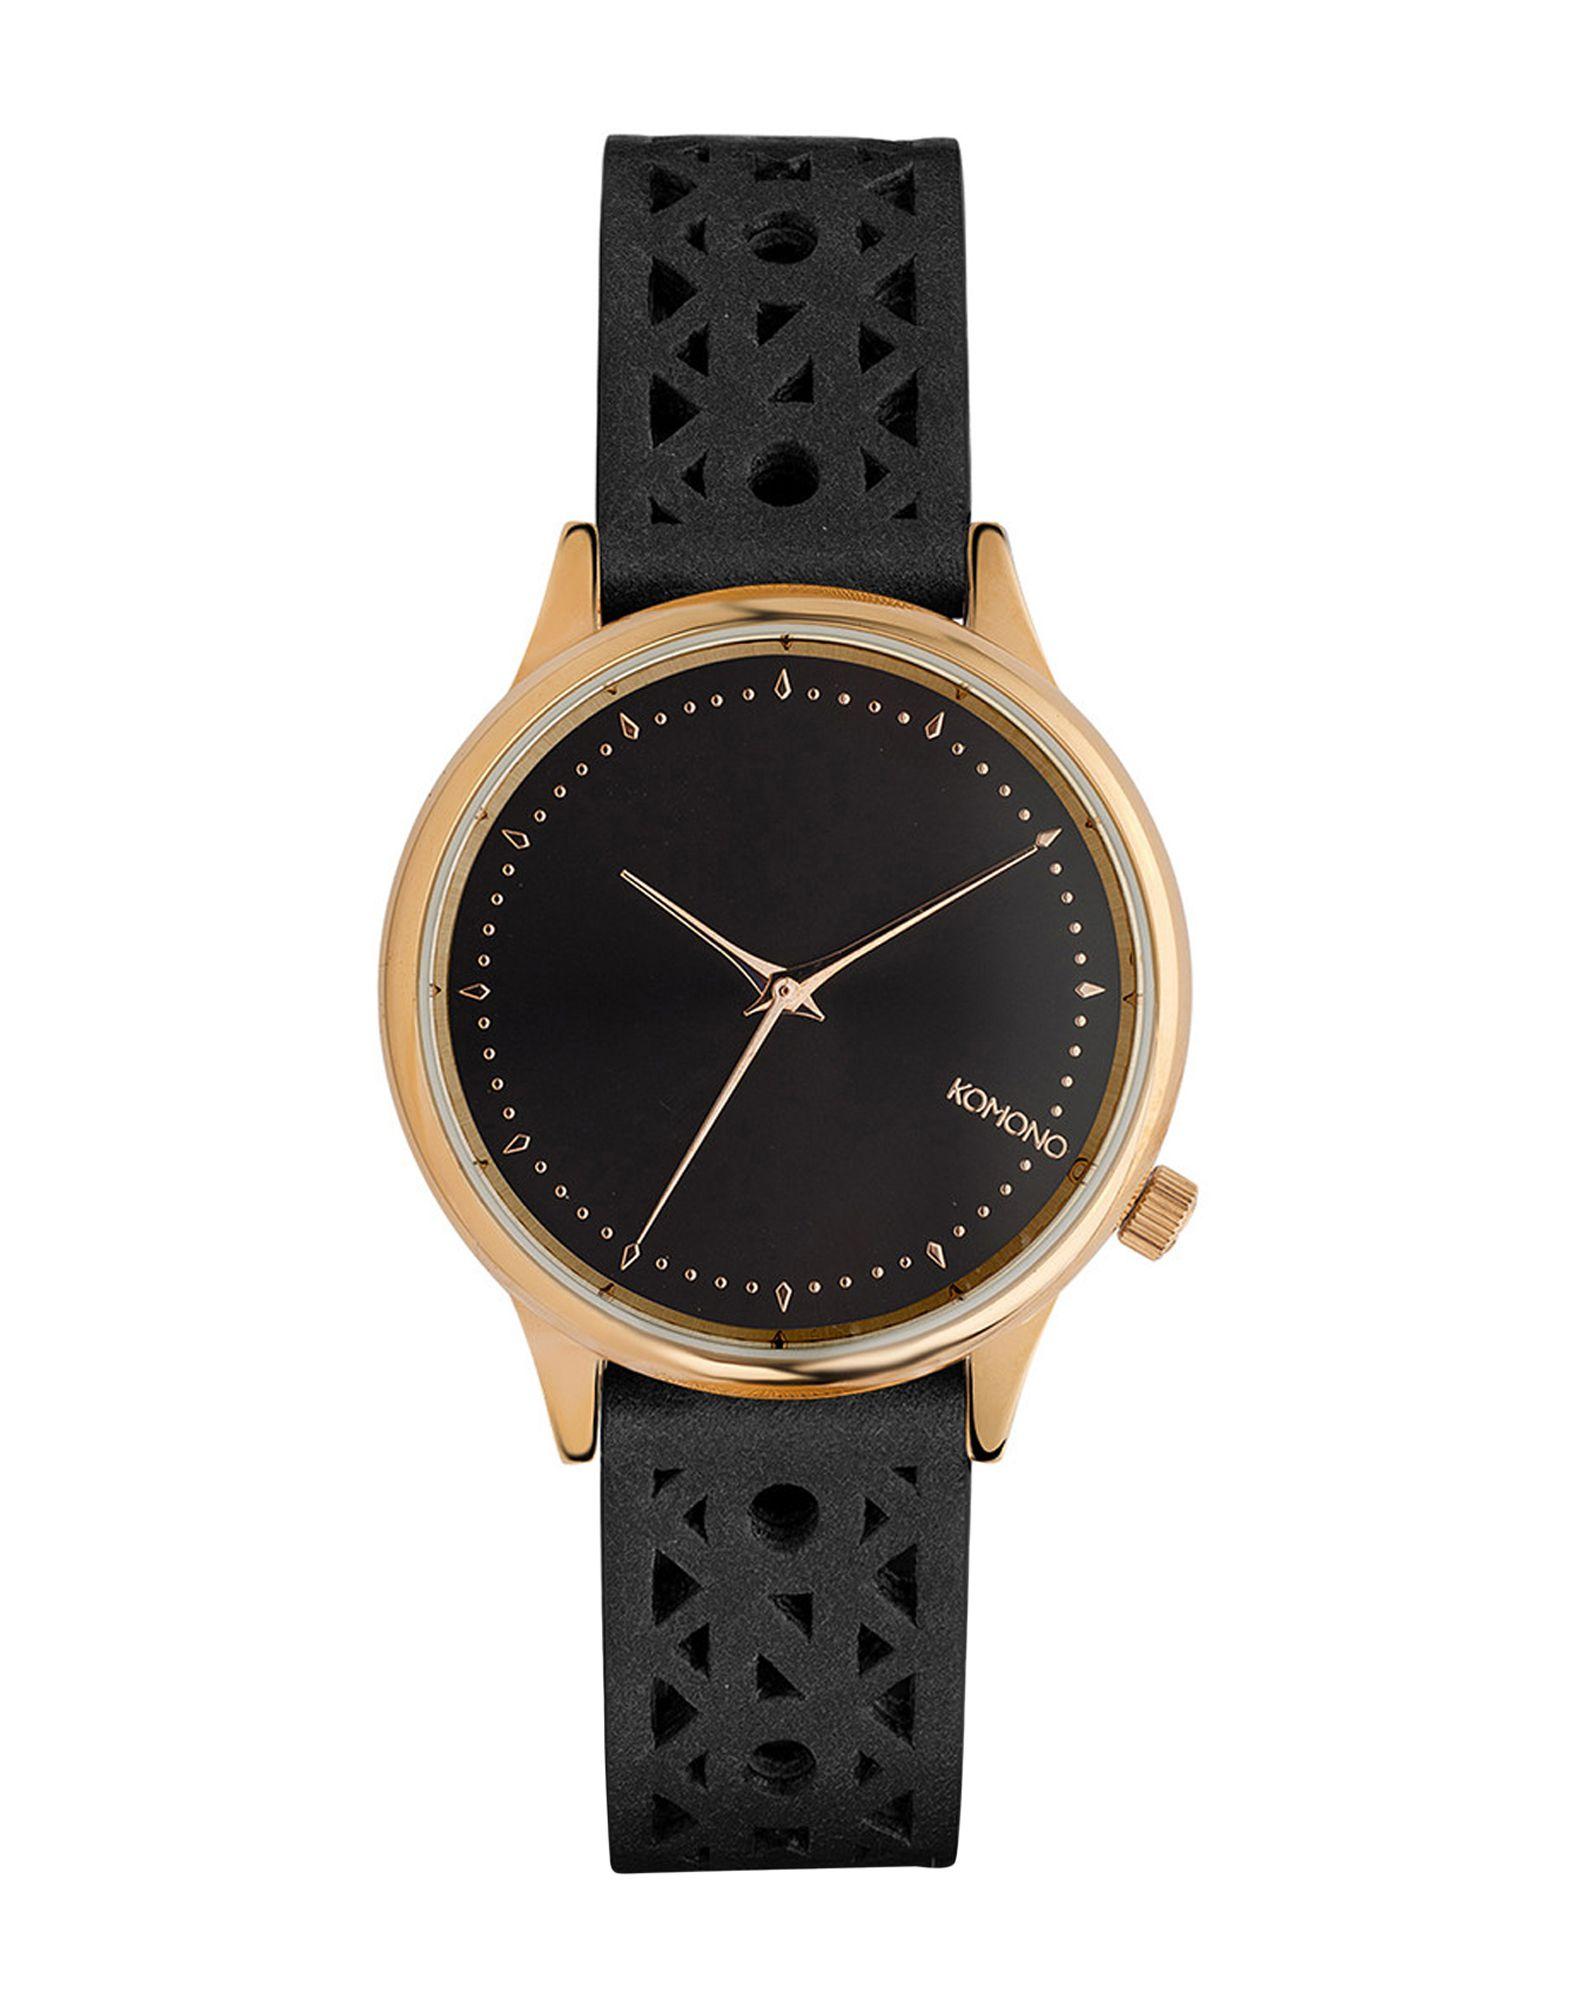 KOMONO Наручные часы часы женщины роскошные часы золото стальные женские платья наручные часы relogio feminino